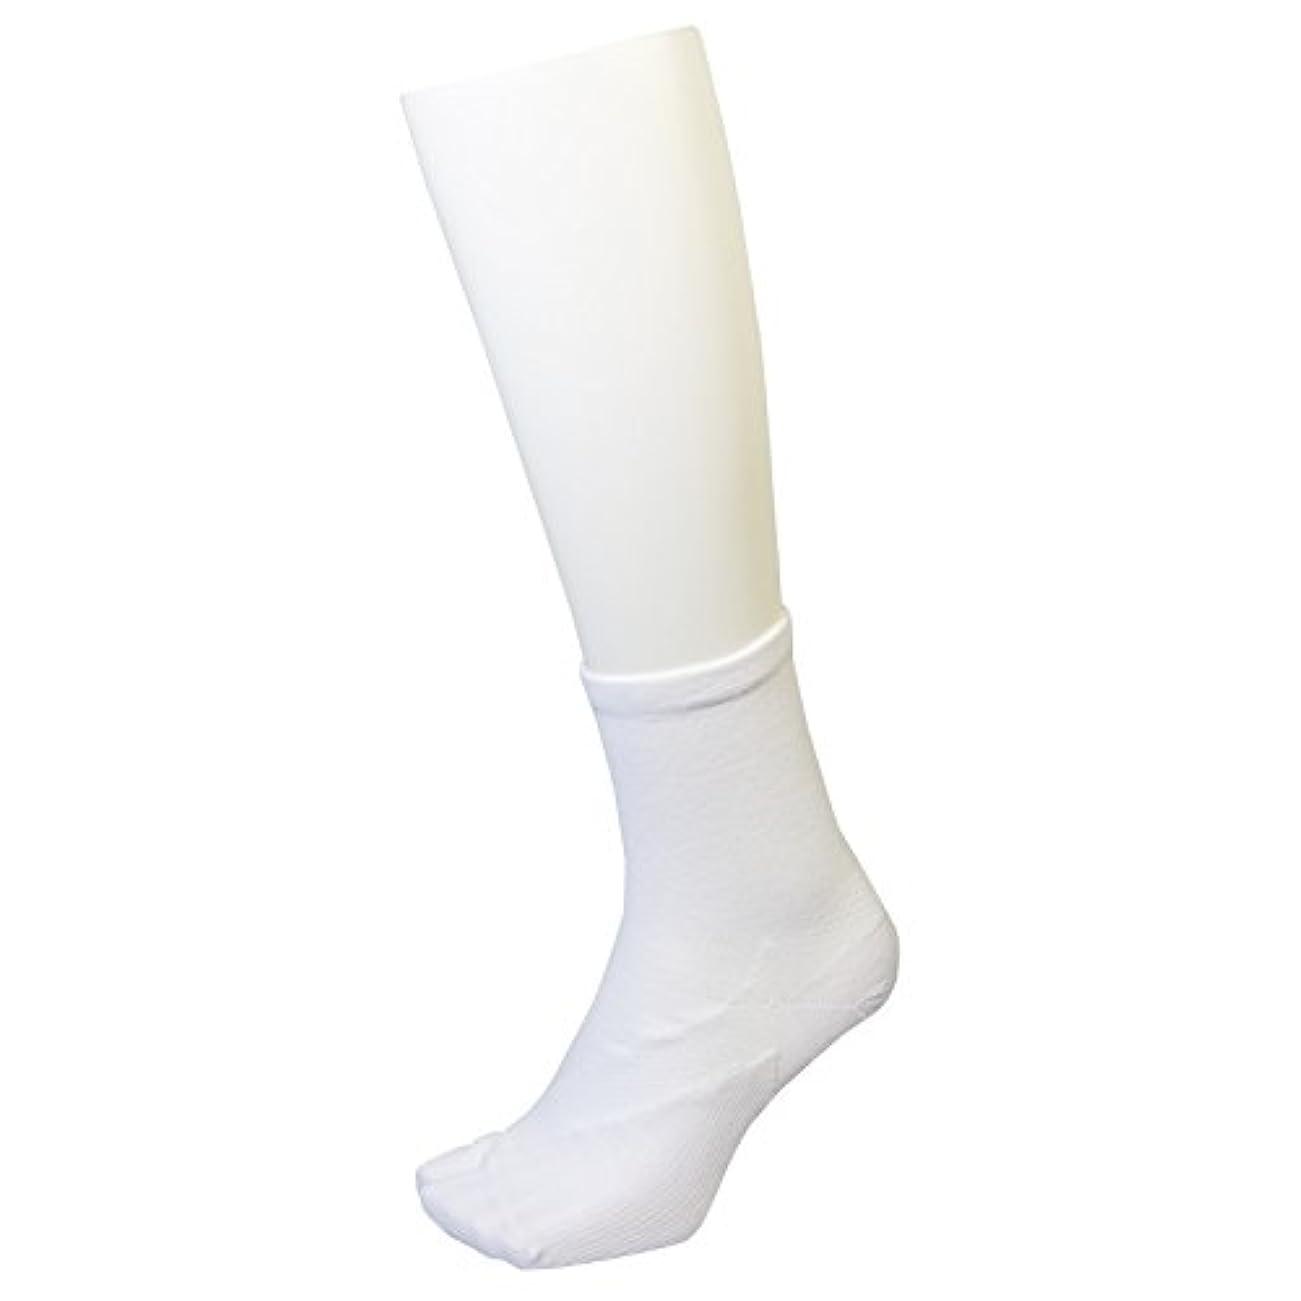 上昇モーション無視さとう式 フレクサーソックス クルー 白 (S) 足袋型